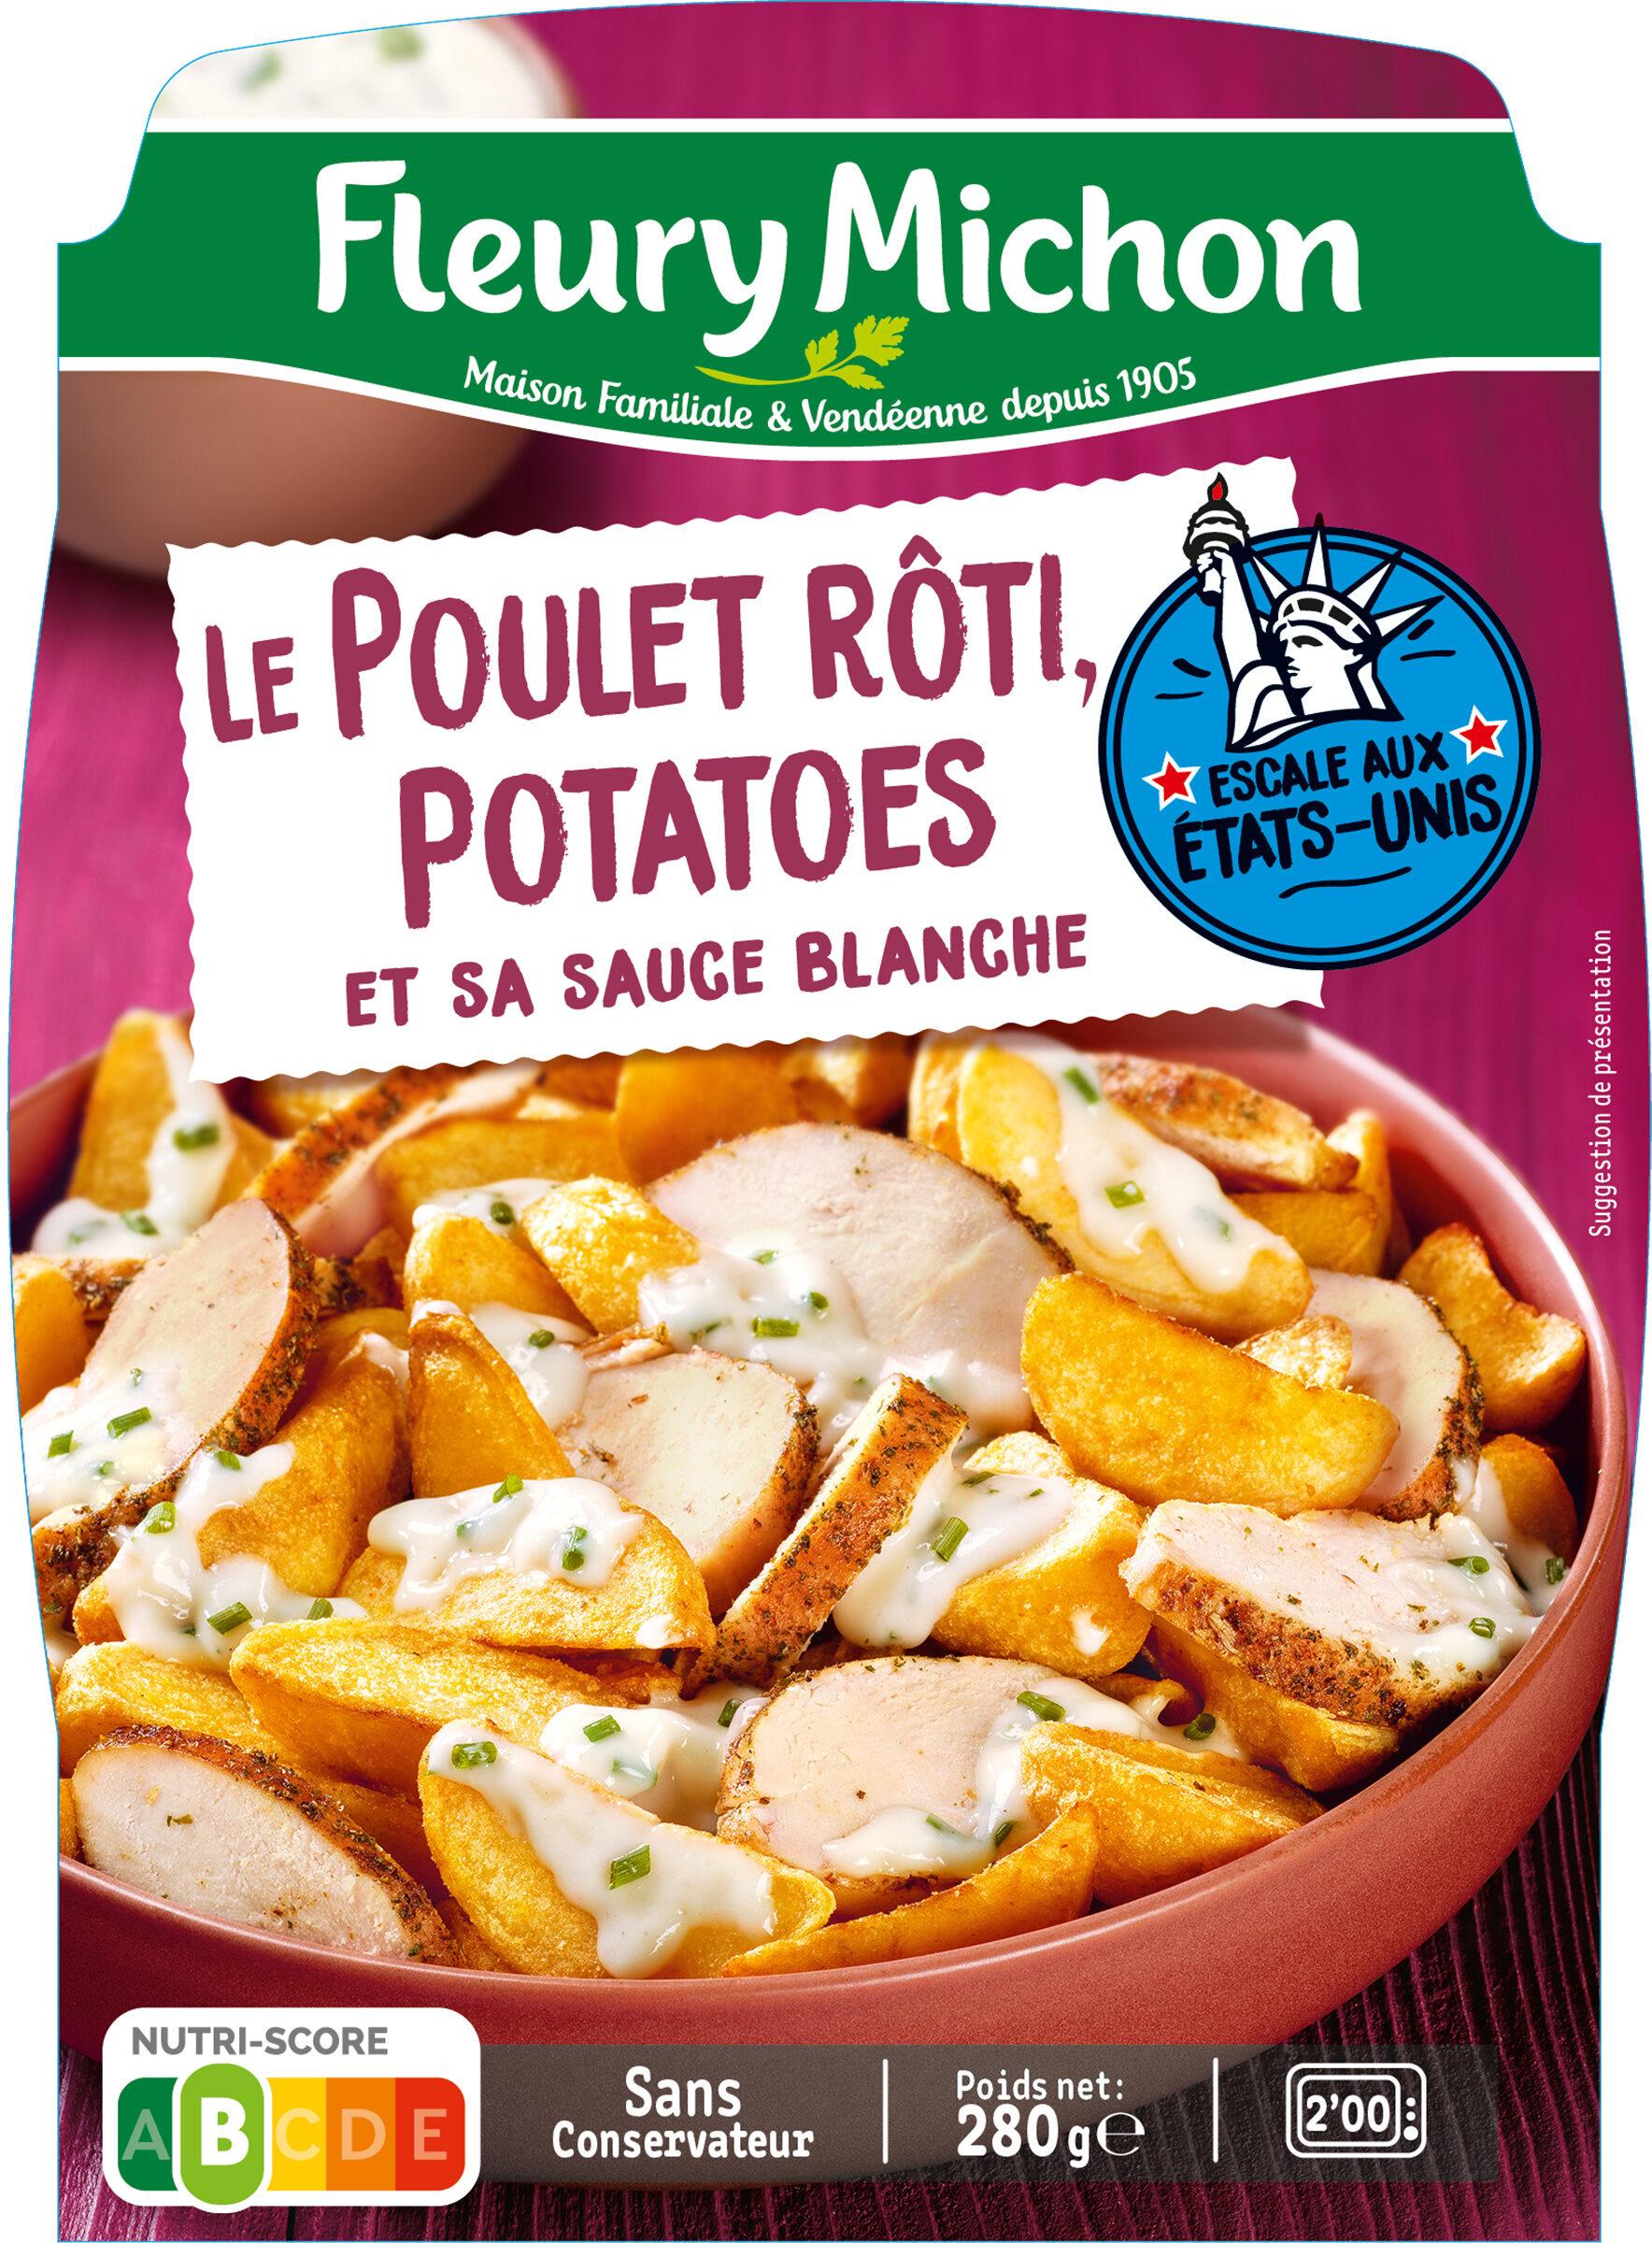 Le Poulet Rôti Potatoes et sa sauce blanche - Product - fr